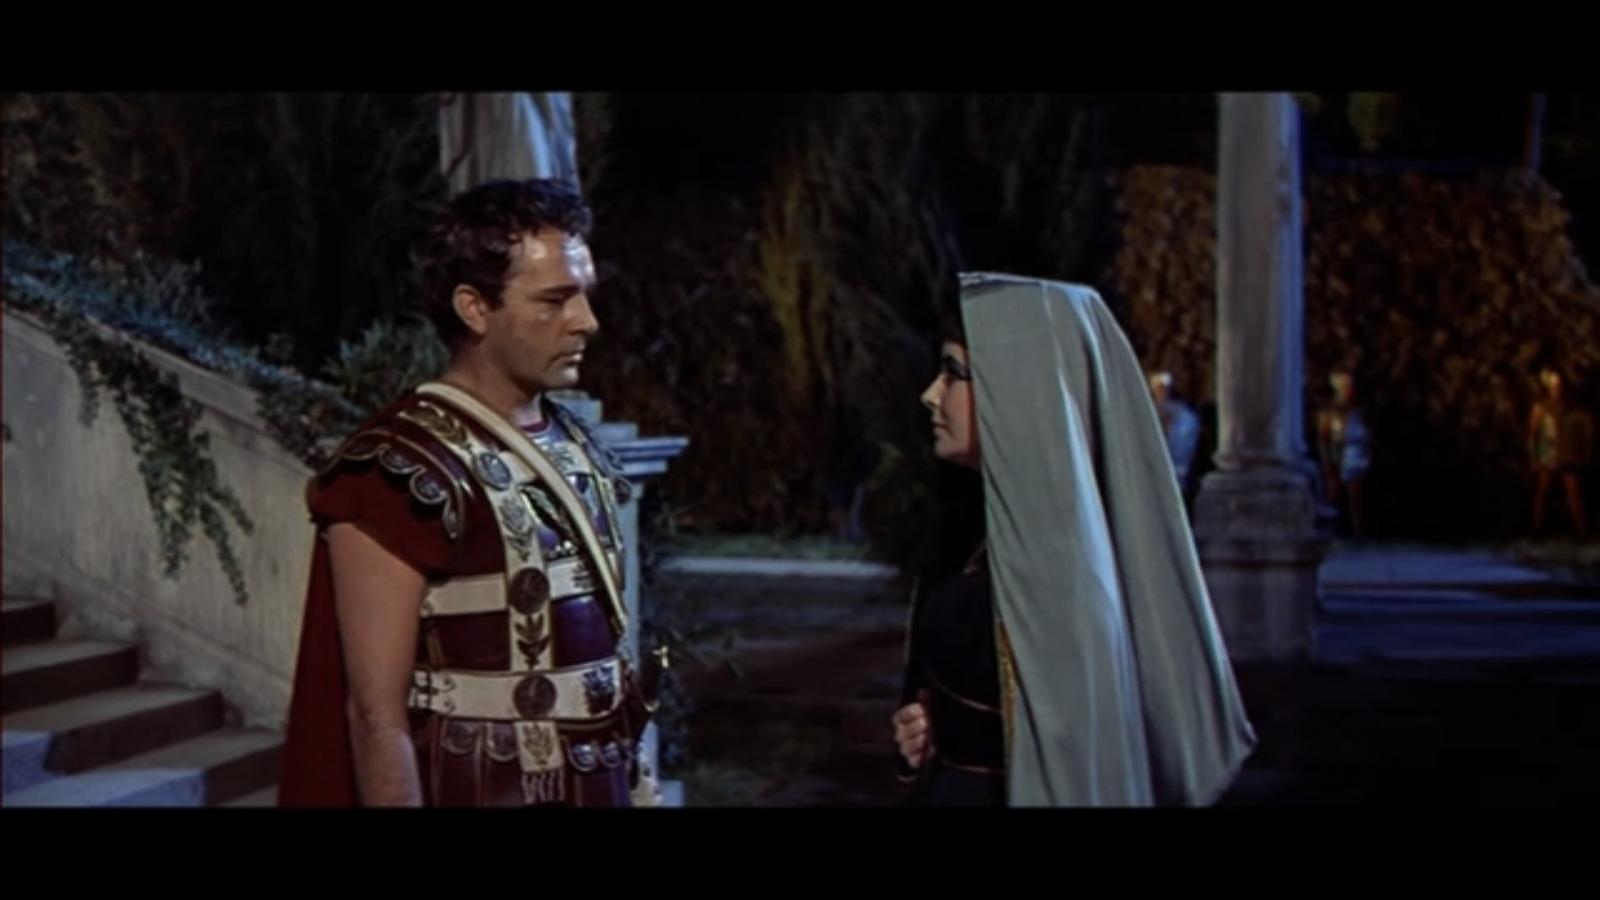 Cleopatra and Mark Antony)